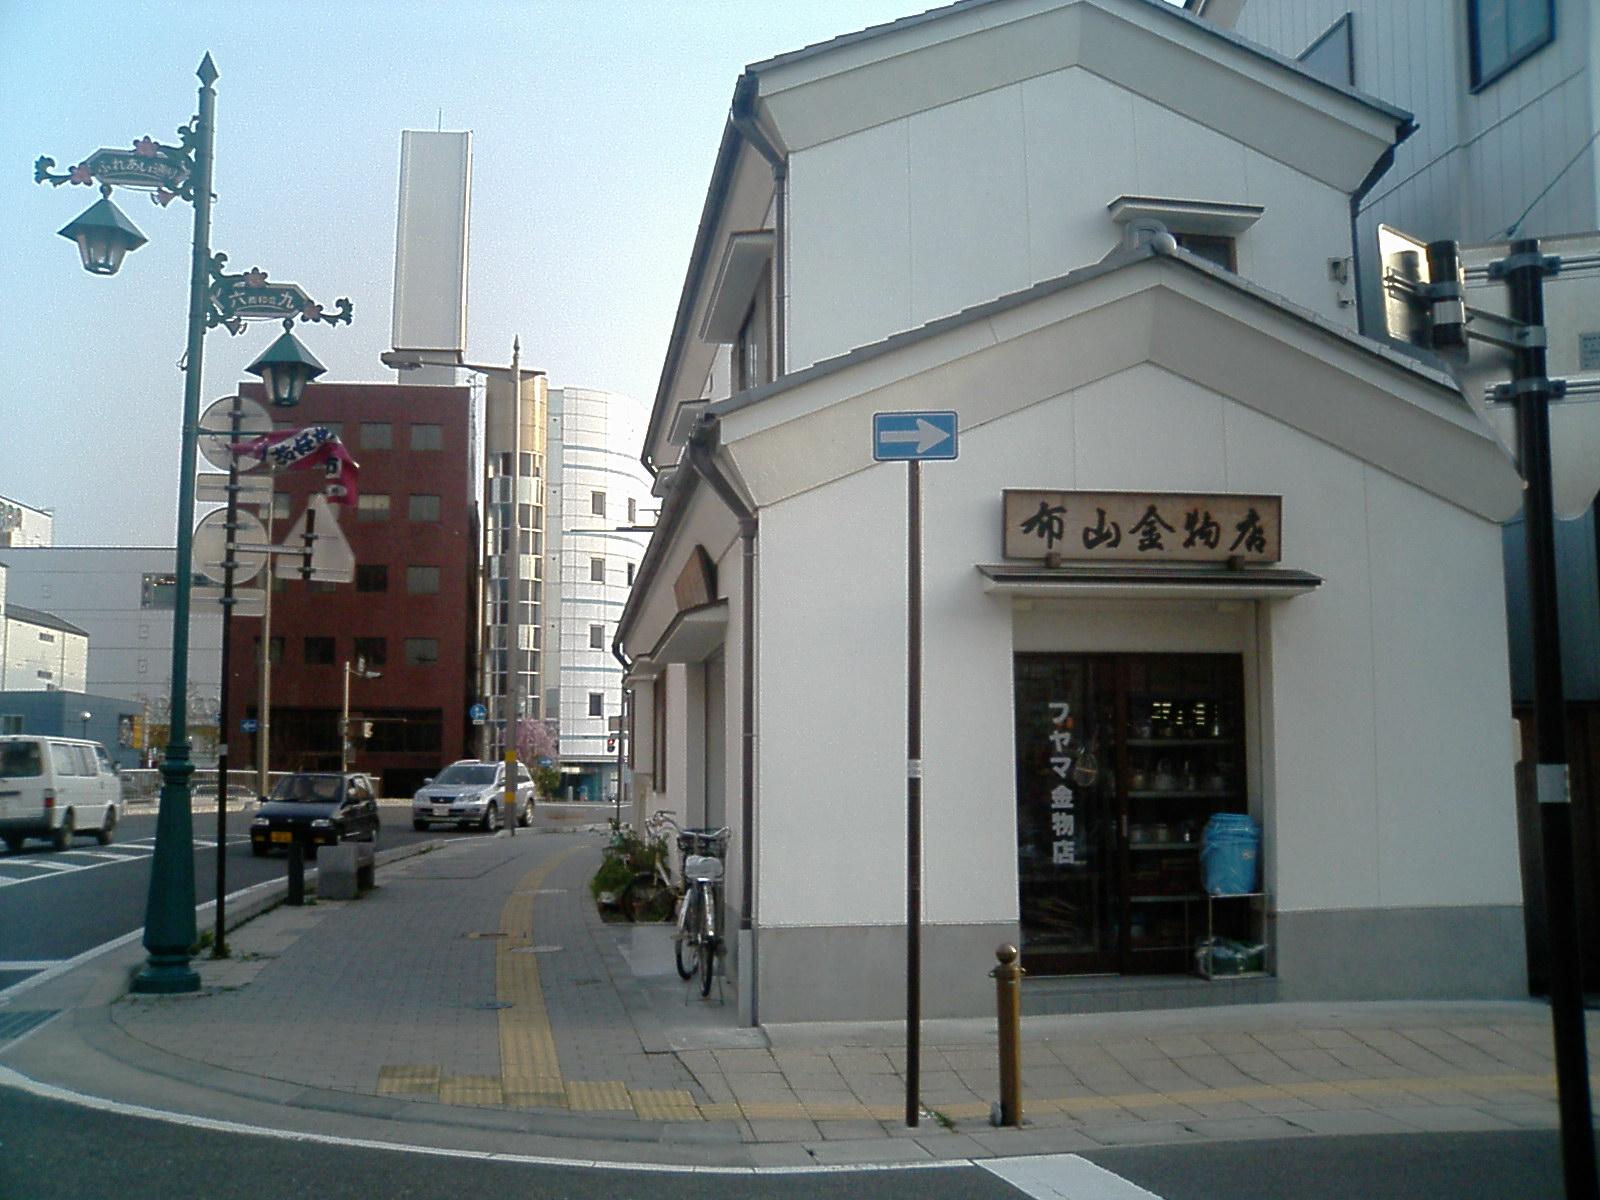 金物 店 山岳 山岳金物店 /